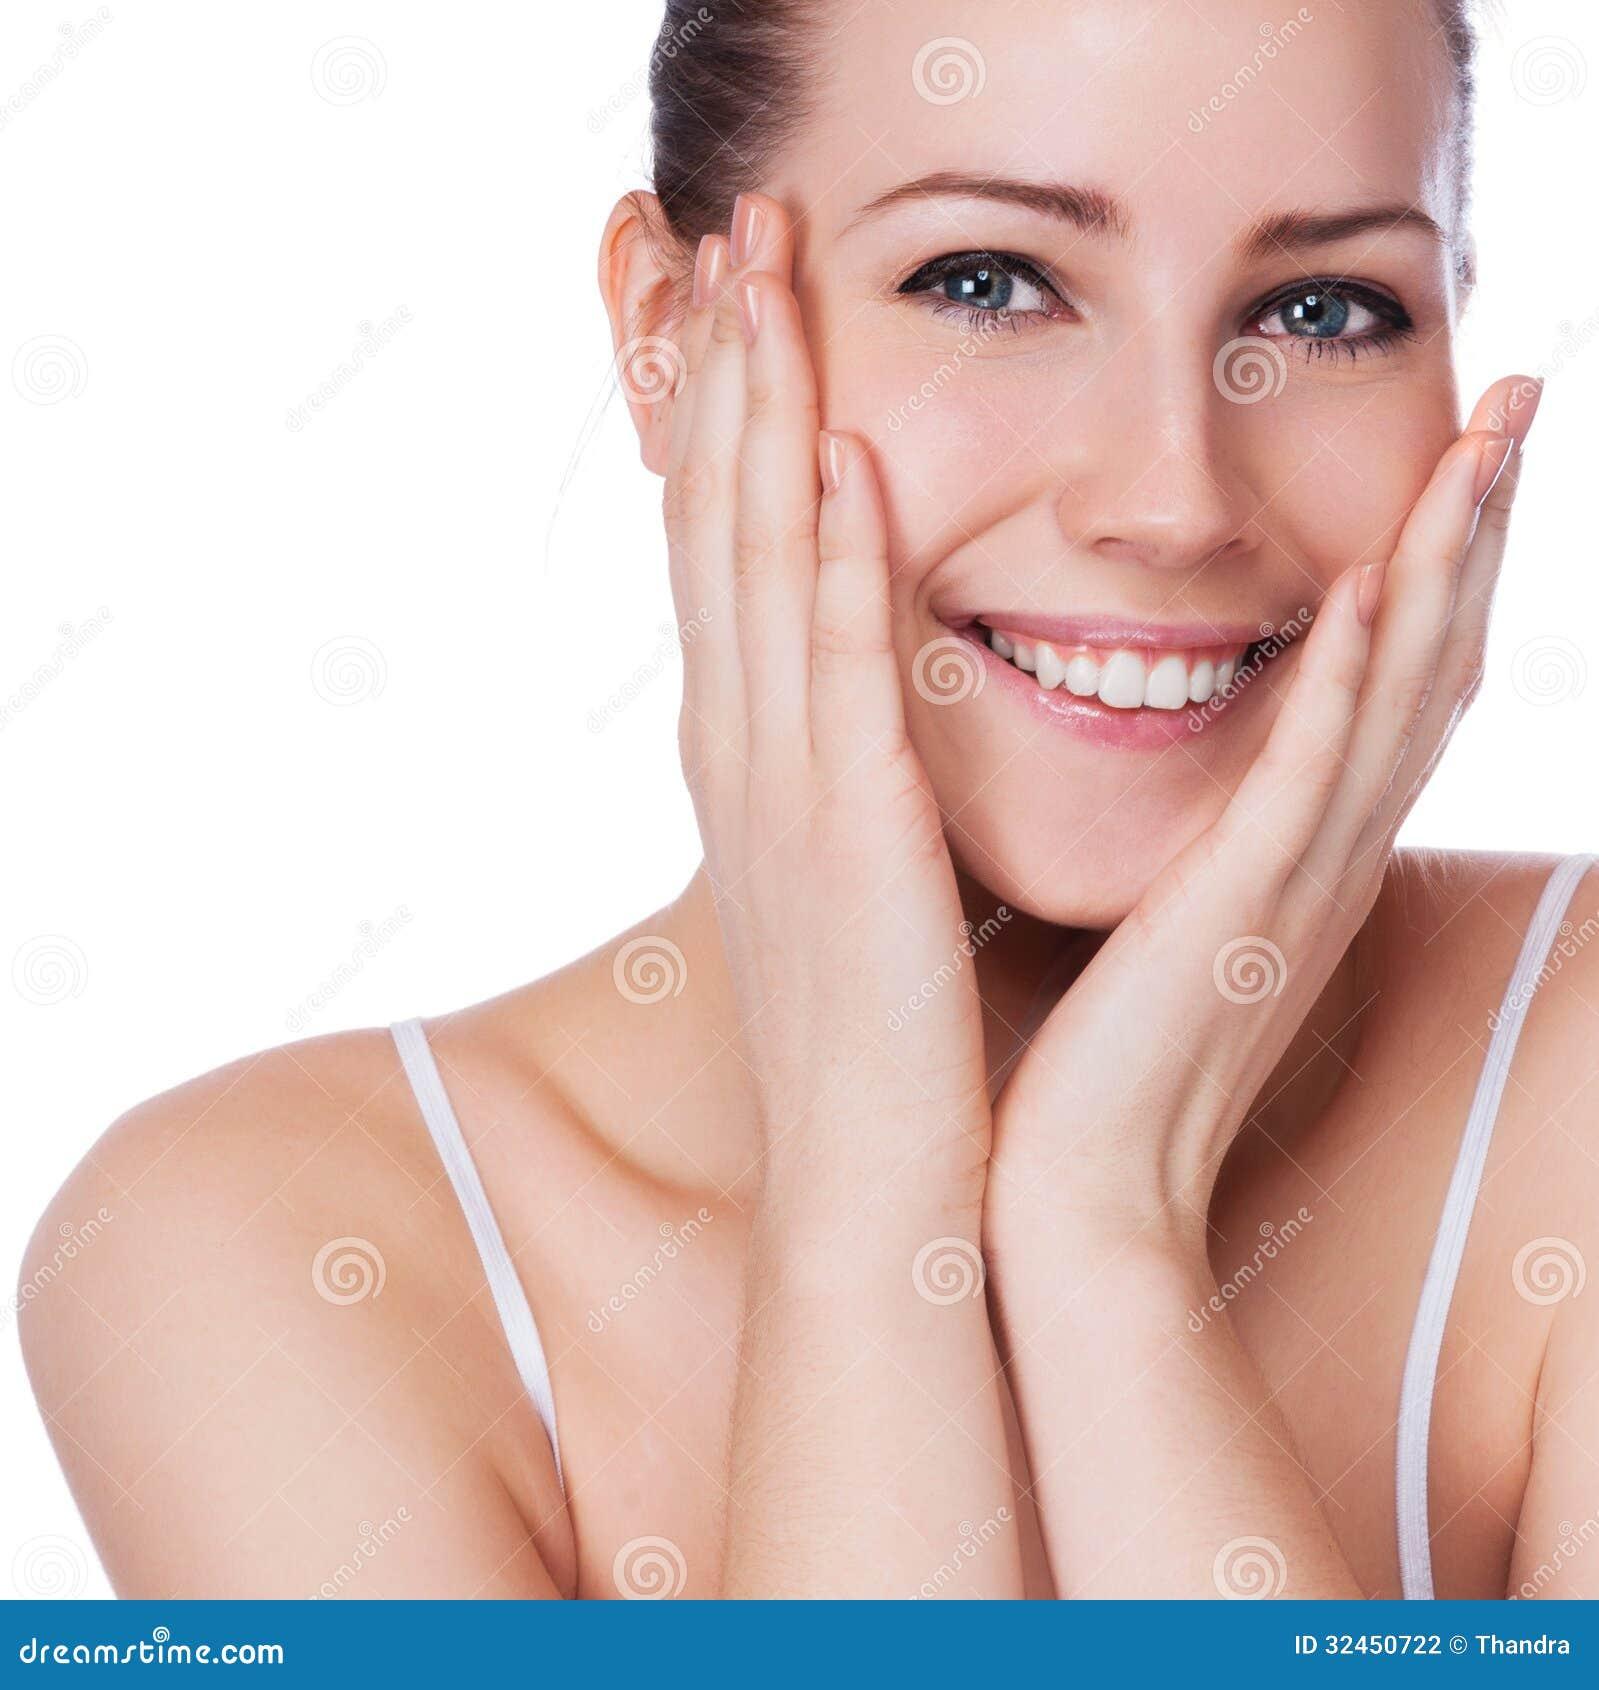 Όμορφο πρόσωπο της νέας ενήλικης γυναίκας με το καθαρό φρέσκο δέρμα